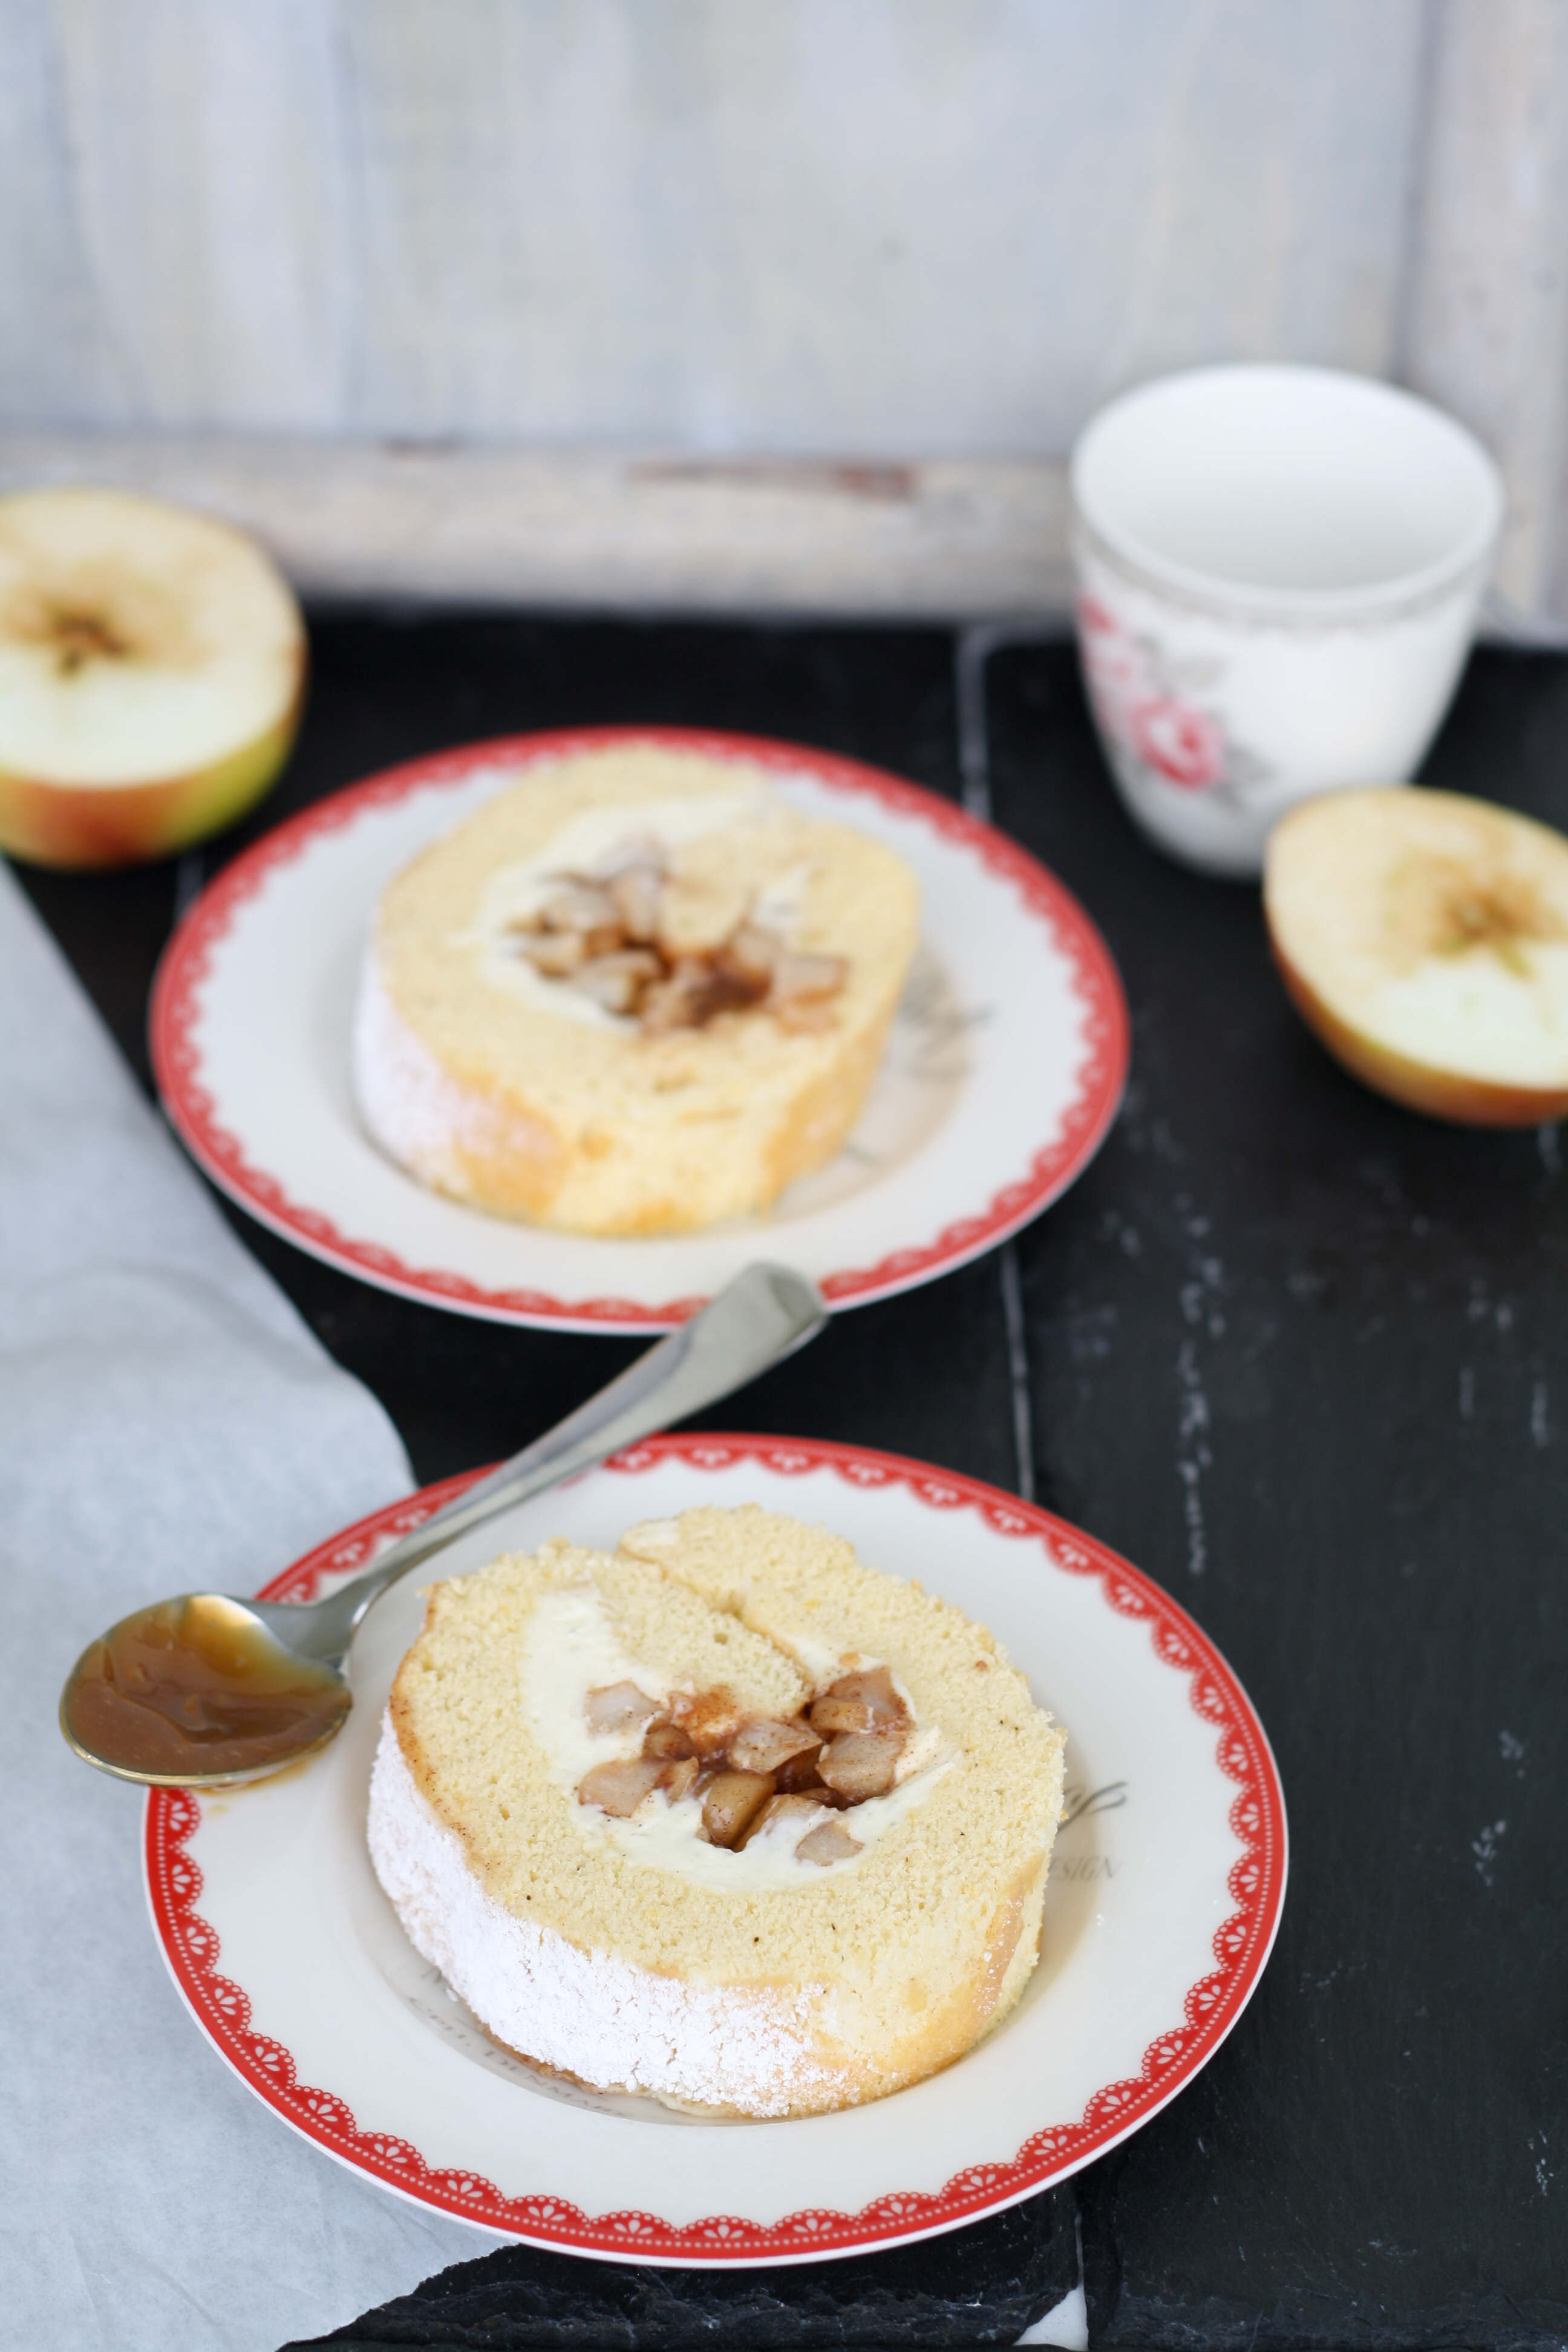 Biskuitroulade gefüllt mit Mascarponecreme und karamellisierten Zimt-Äpfeln